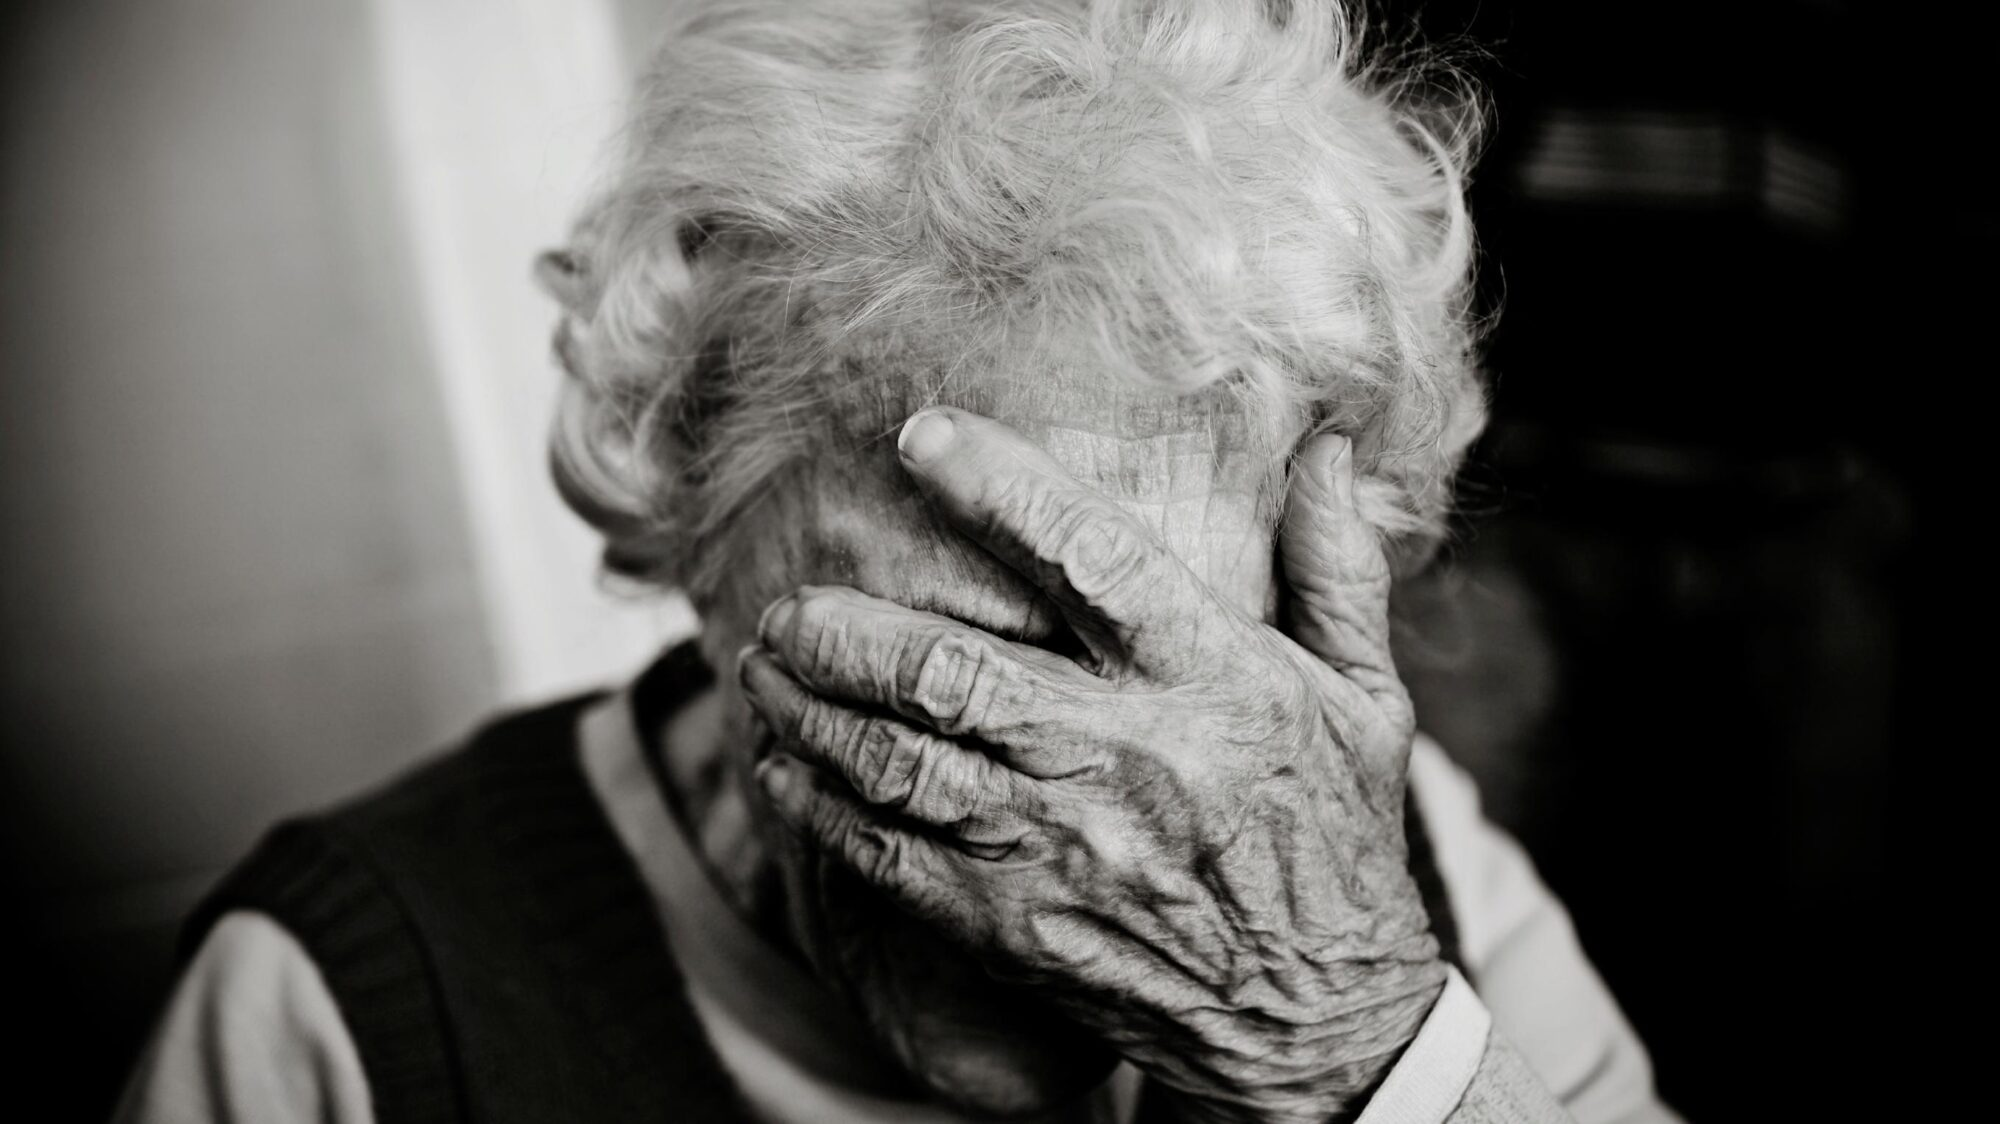 Vijf dingen die je kunt doen bij vermoedens van ouderenmishandeling